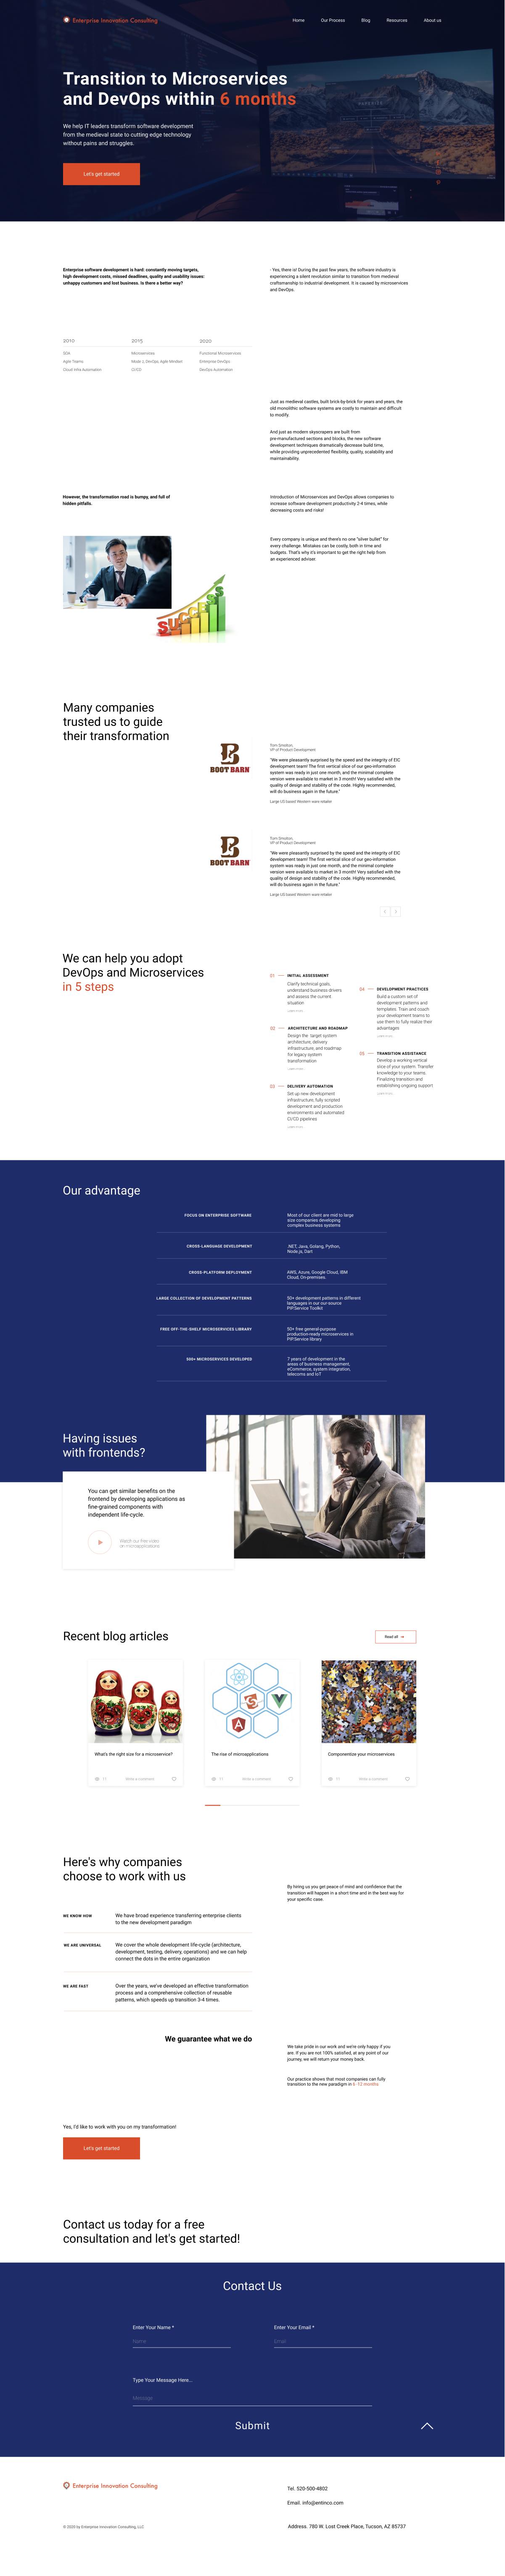 Дизайн сайта для консалтинговой компании в сфере ИТ. фото f_0585ec979b21d6aa.jpg